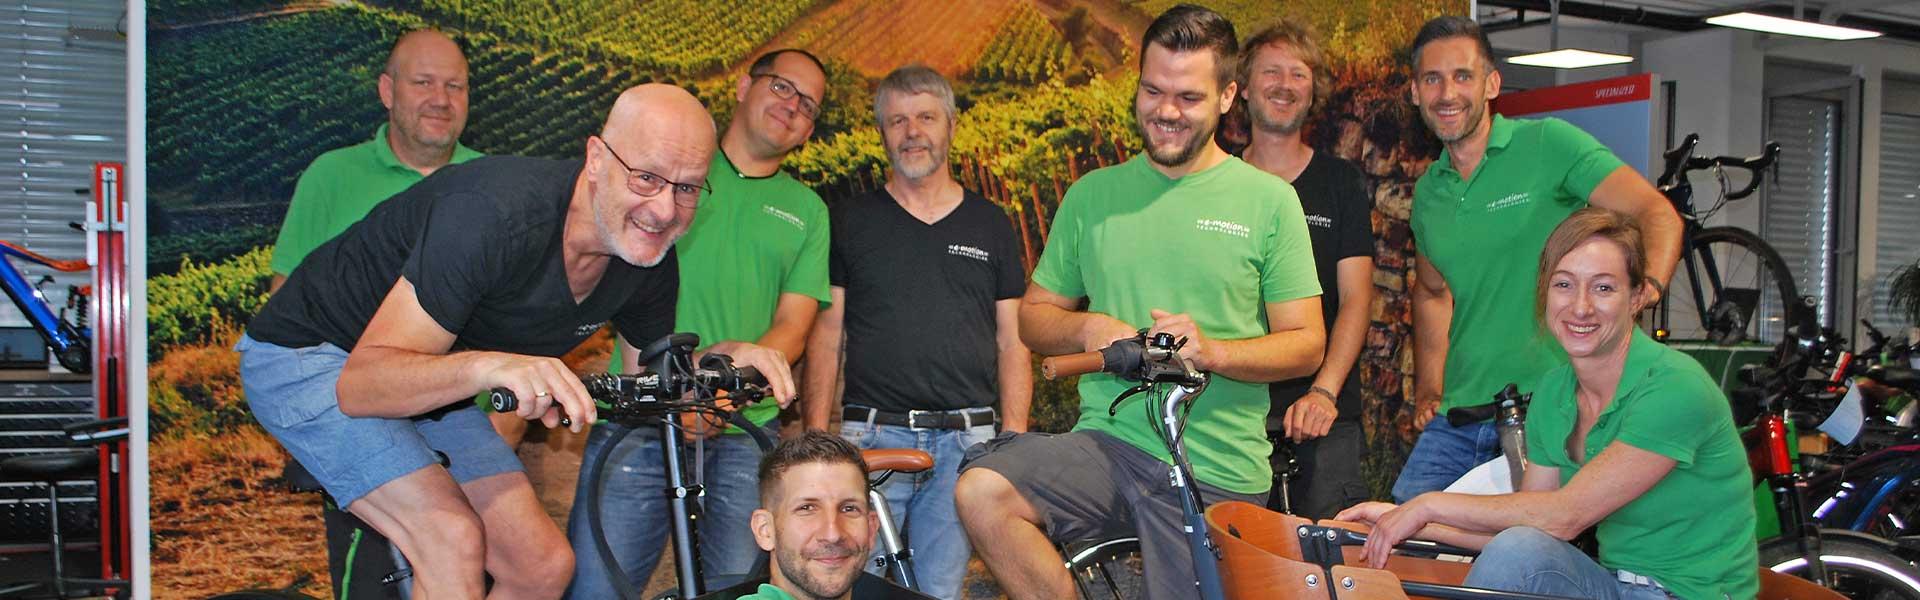 Das Team der e-motion e-Bike Welt Wiesbaden